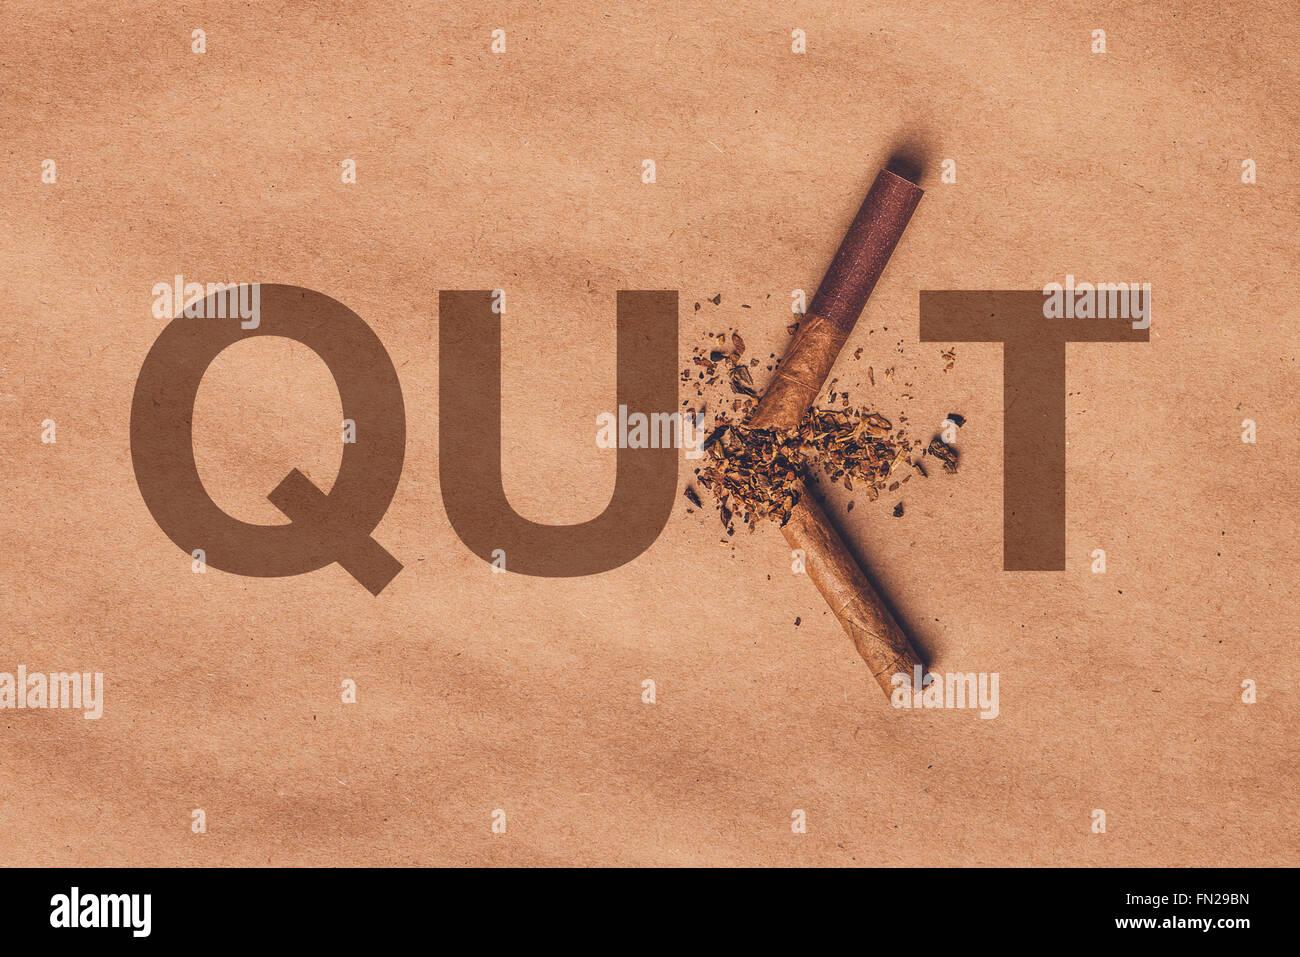 Beenden Sie gebrochen Zigarette Draufsicht auf braunem Papier, Rauchen Konzept, warmen Retro-Bildton. Stockbild